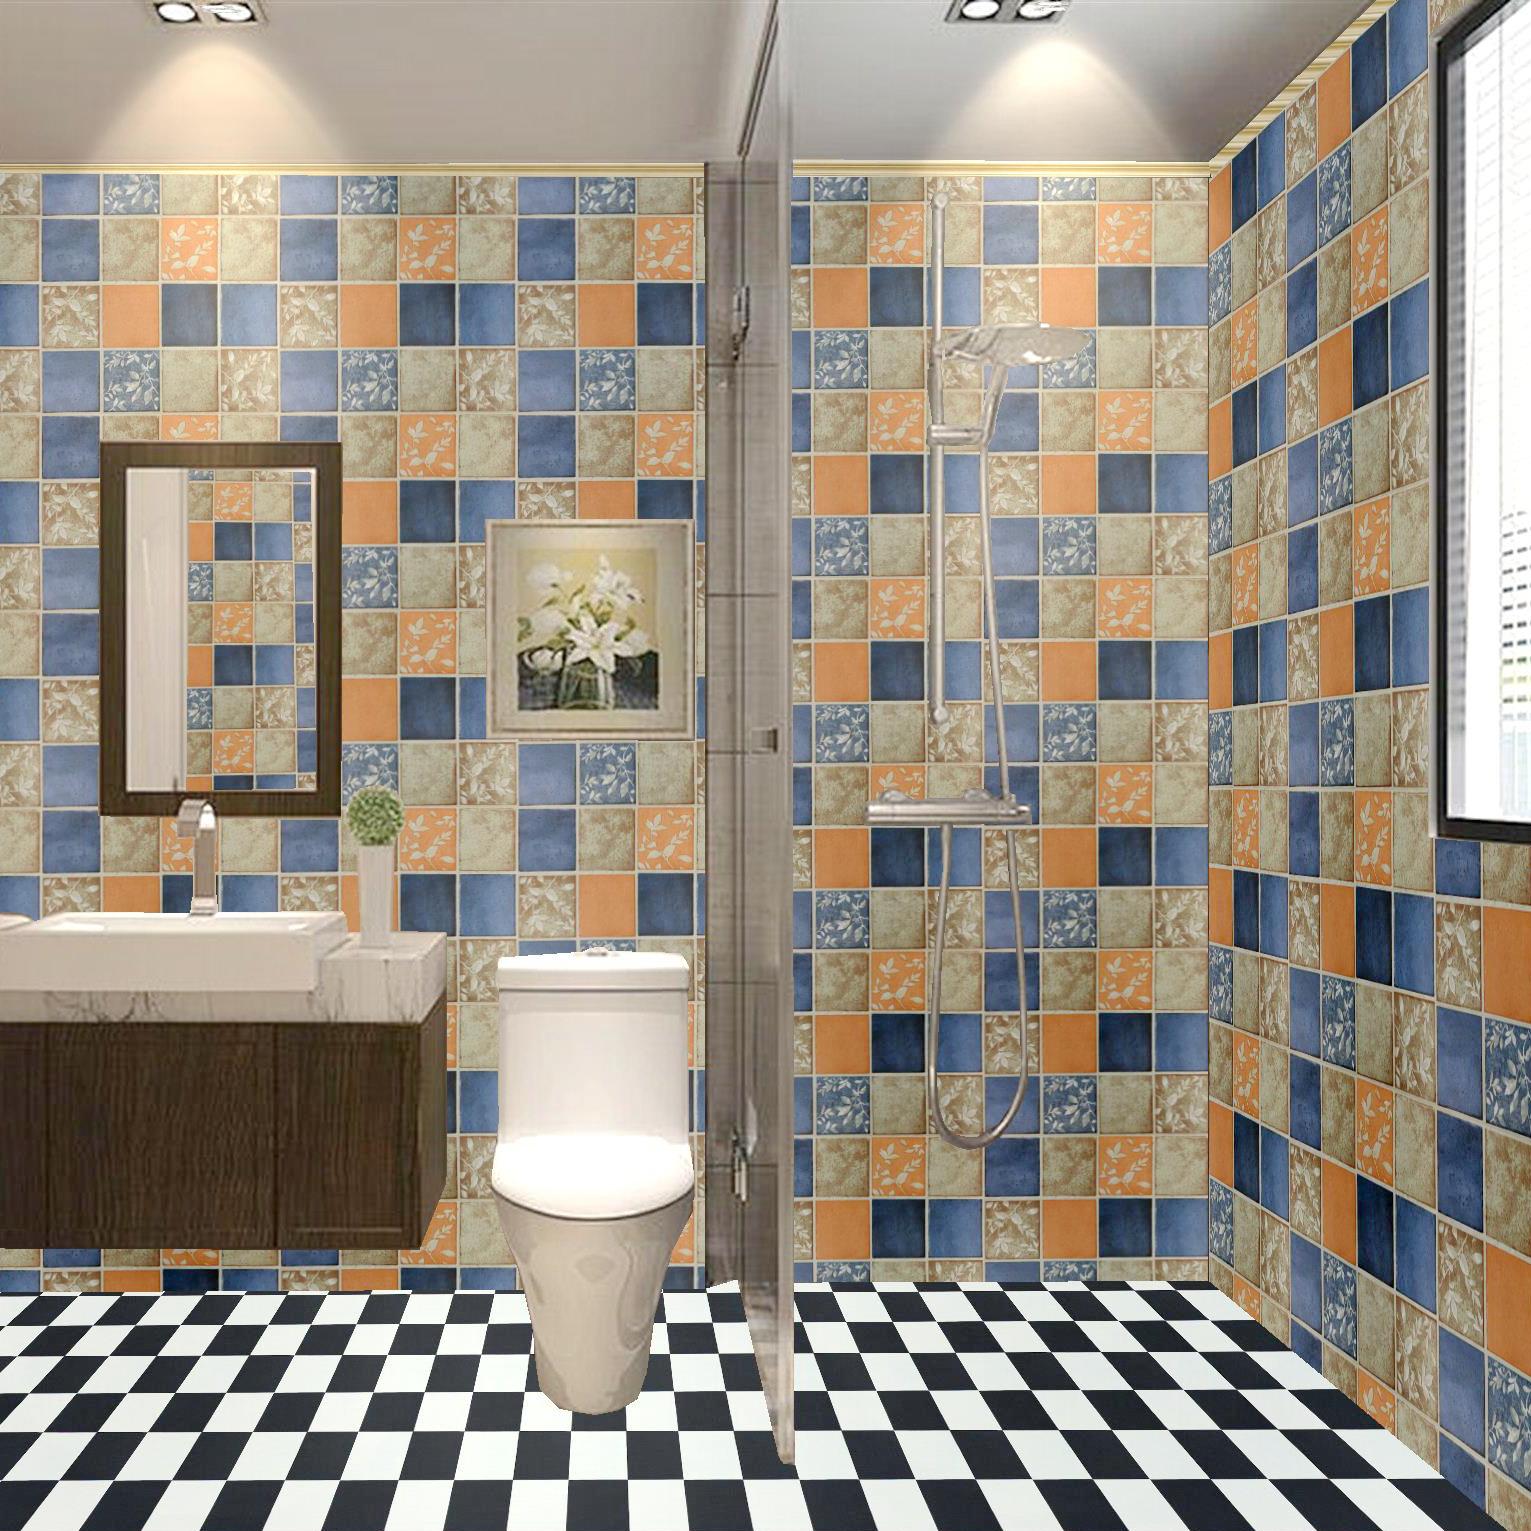 Papier Salle De Bain salle de bains imperméable stickers muraux autocollants huile preuve  cuisine treillis mosaïque auto-adhésif toilettes carrelage salle de bains  papier